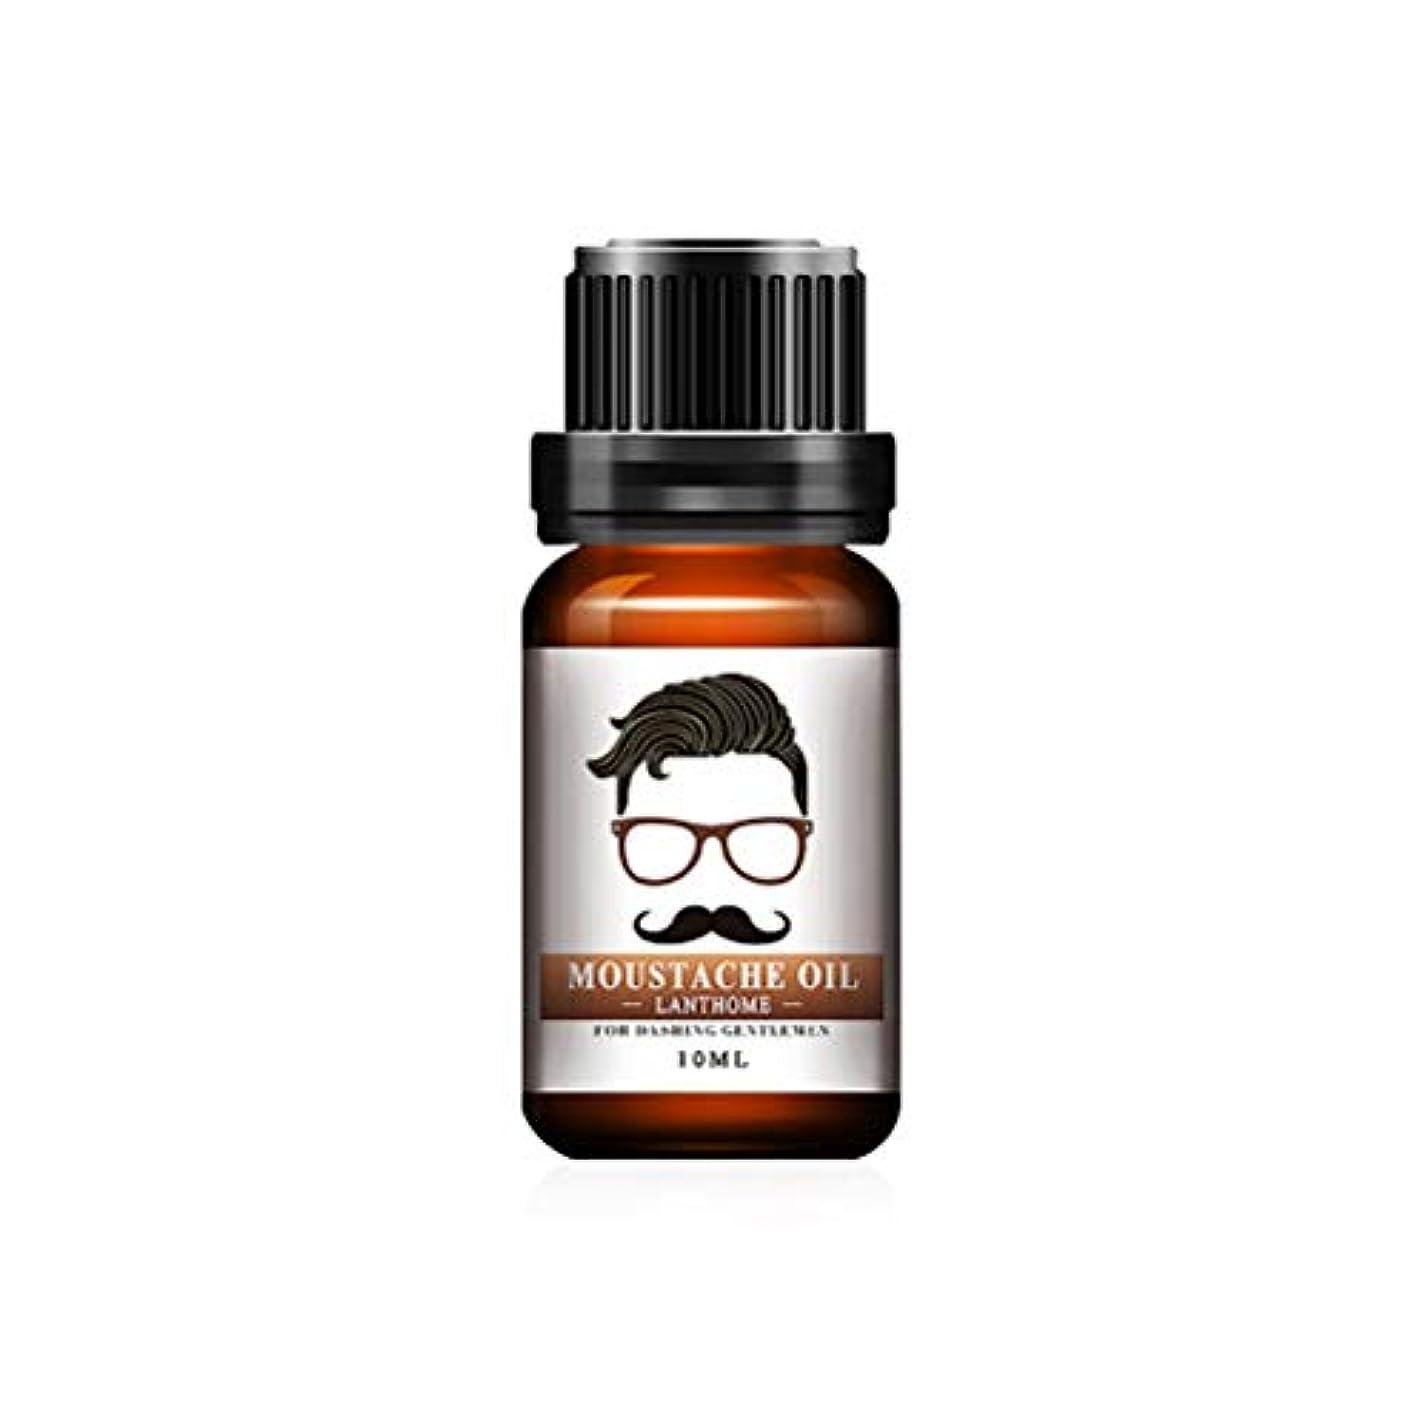 Ourine ヒゲ肌用美容液 ひげ生長液 調理 無添加 口髭成長用 トリートメント液 植物油 保湿 コンディショナー ひげ油 ひげオイル ヘア ナチュラル